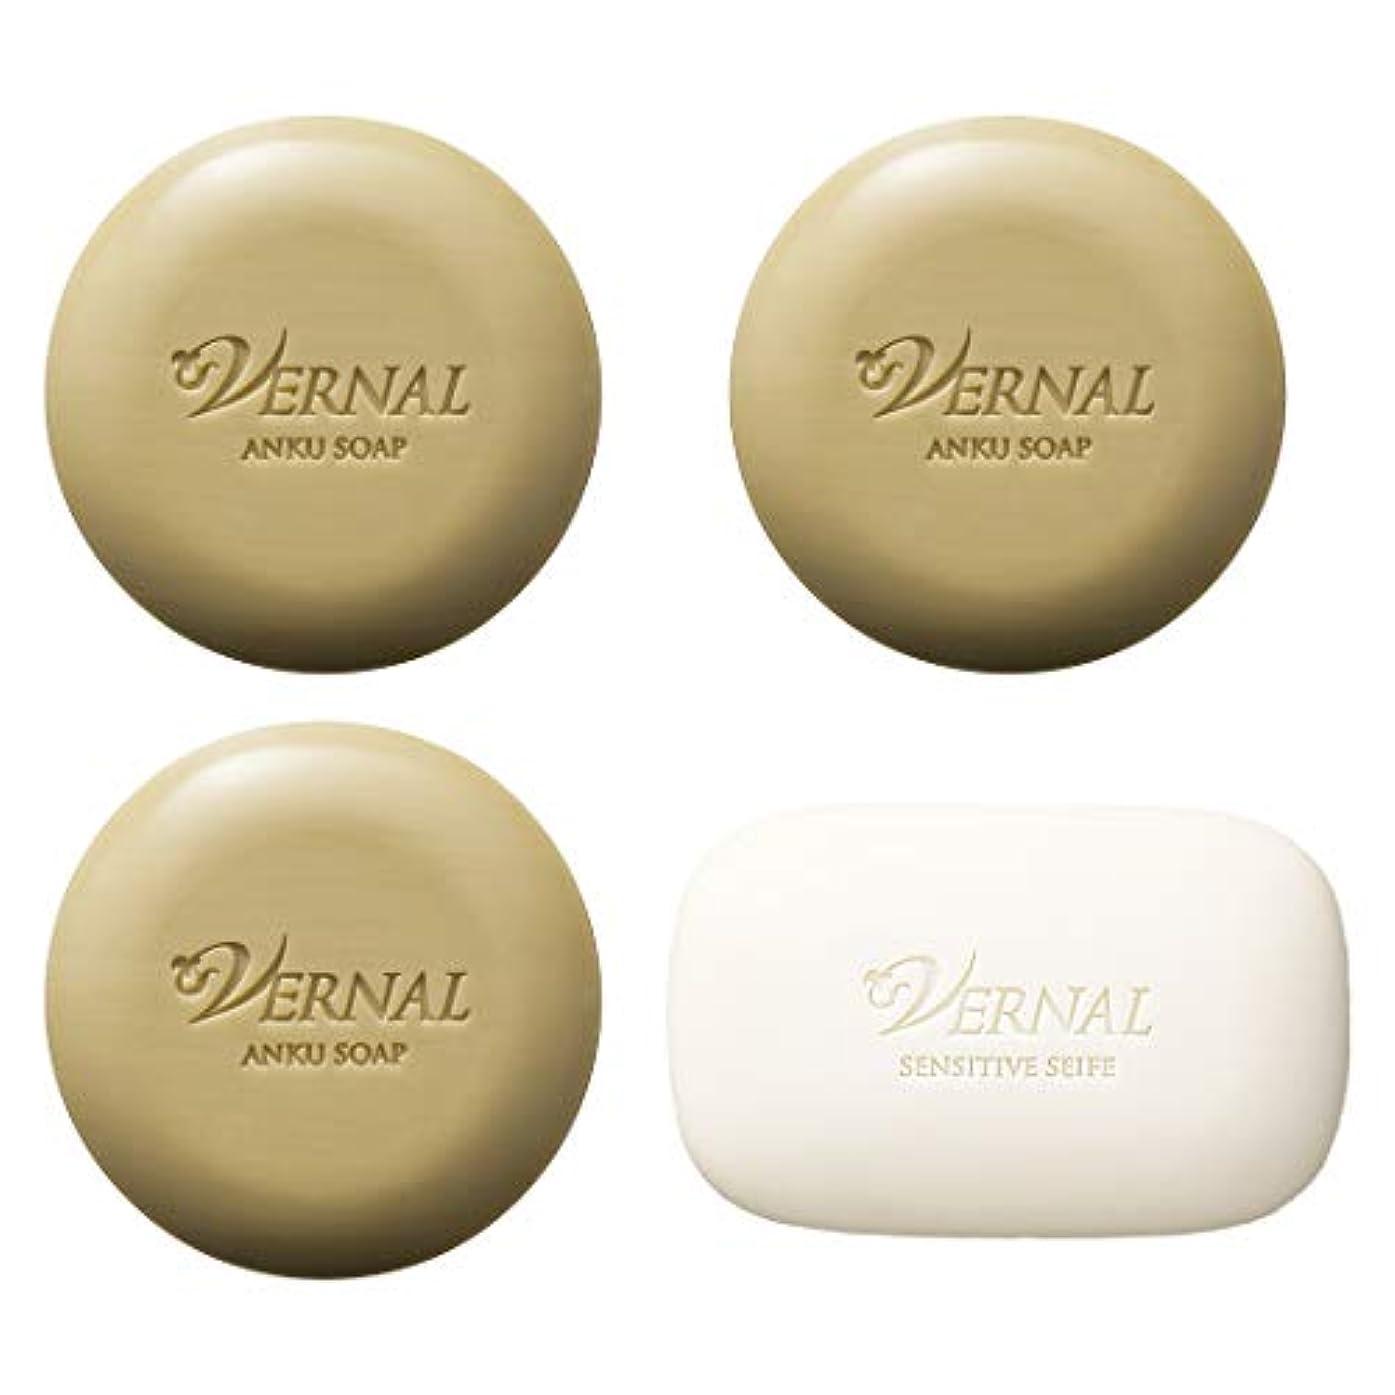 アクティブ解明するピースアンク3個ザイフ1個(ベーシックソープ各110g)/ ヴァーナル 洗顔石鹸 お得価格